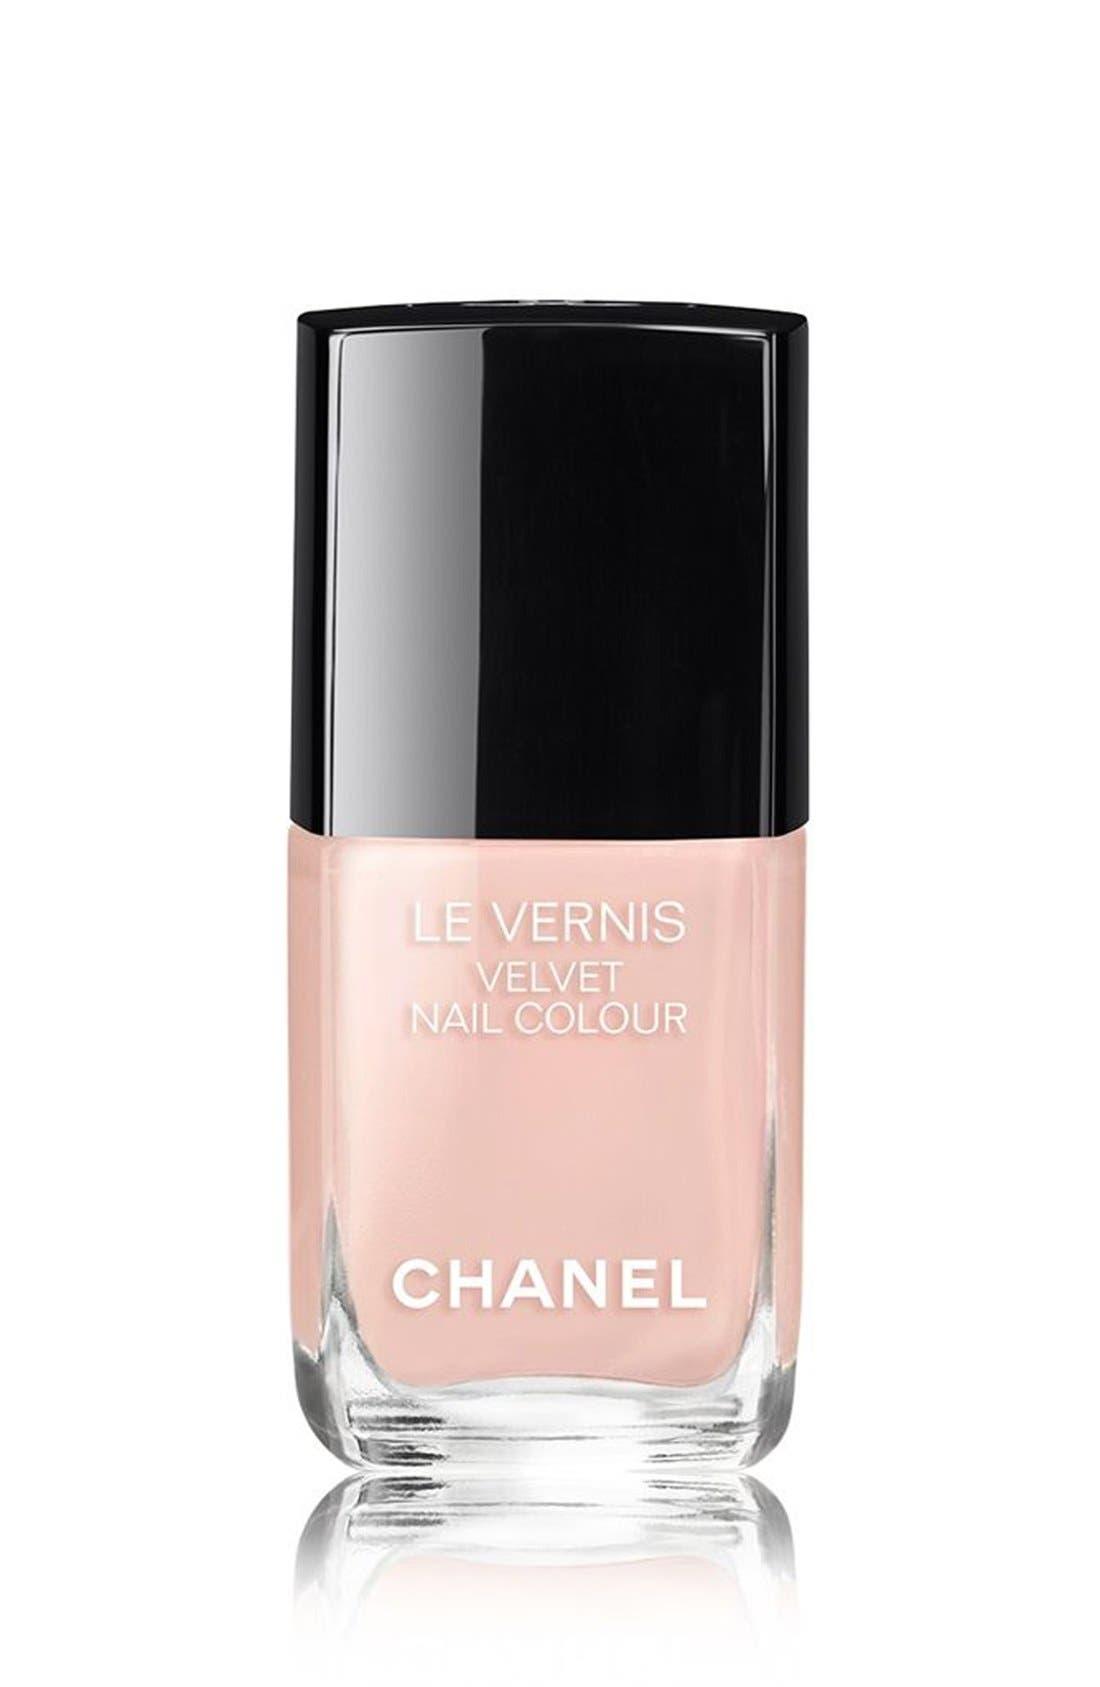 LE VERNIS<br />Velvet Nail Colour, Main, color, 650